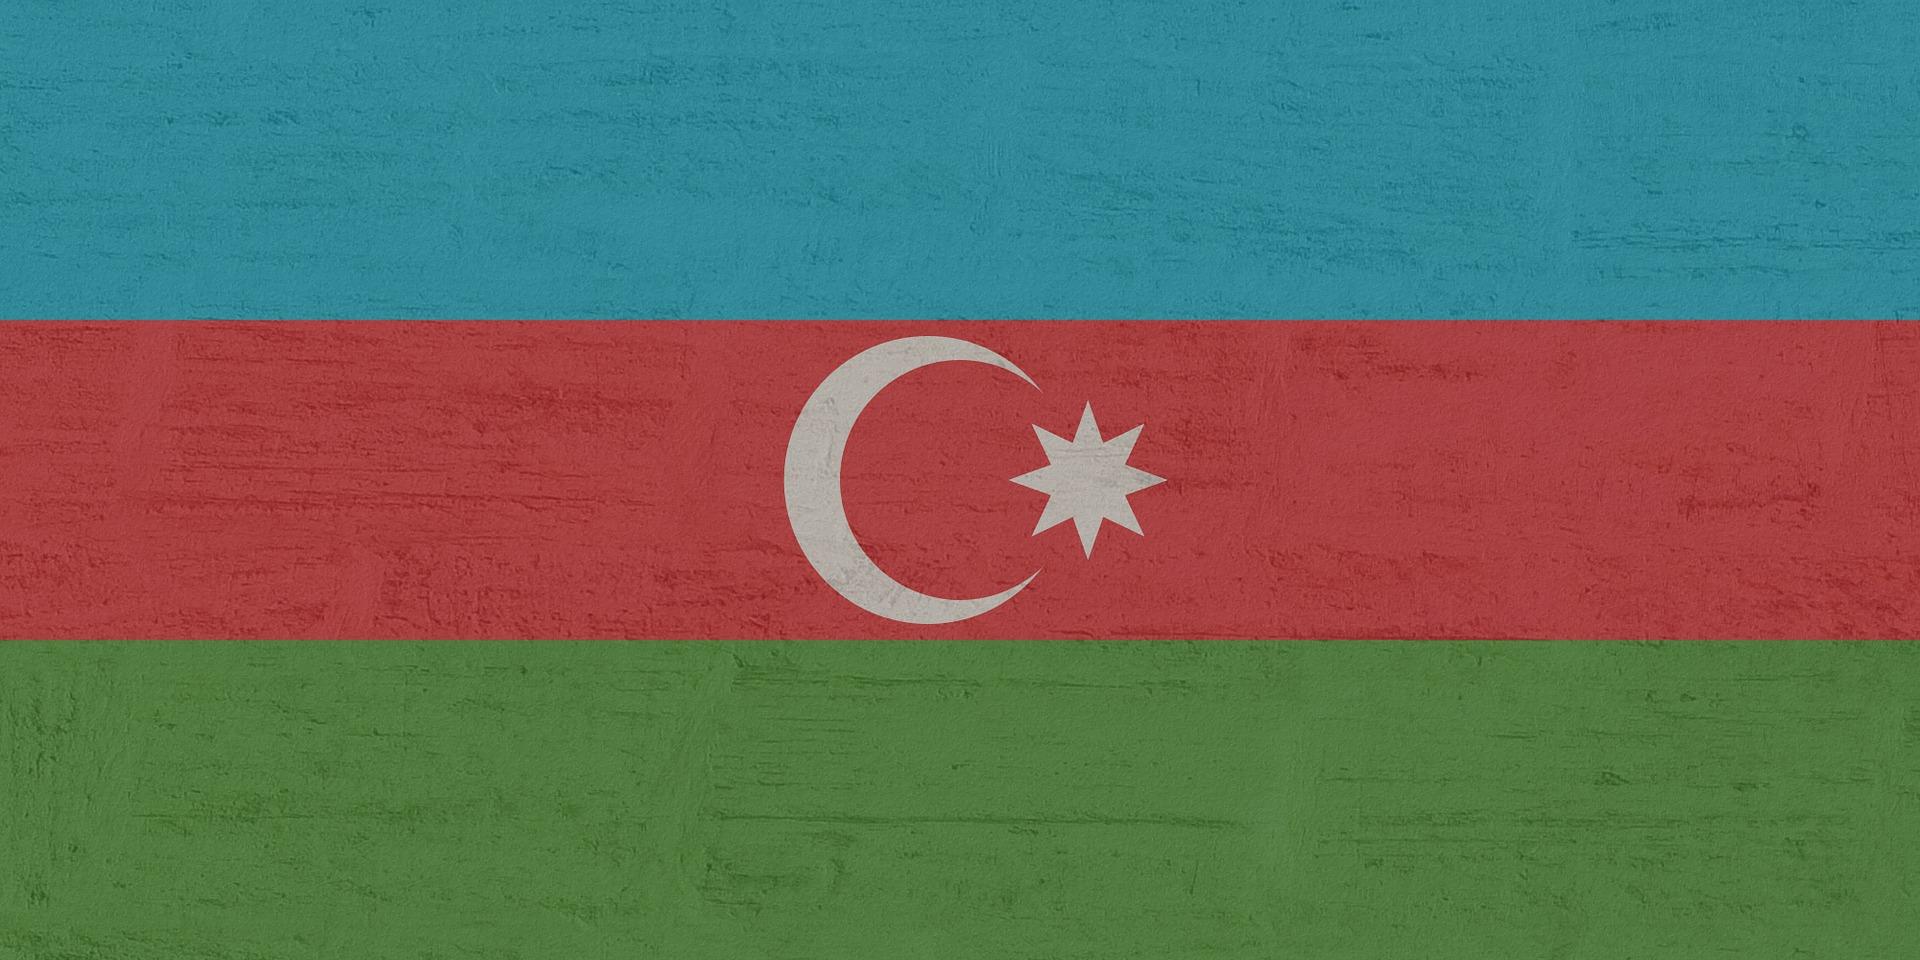 Україна та Азербайджан мають великі перспективи для розвитку торговельно-економічного співробітництва — Качка